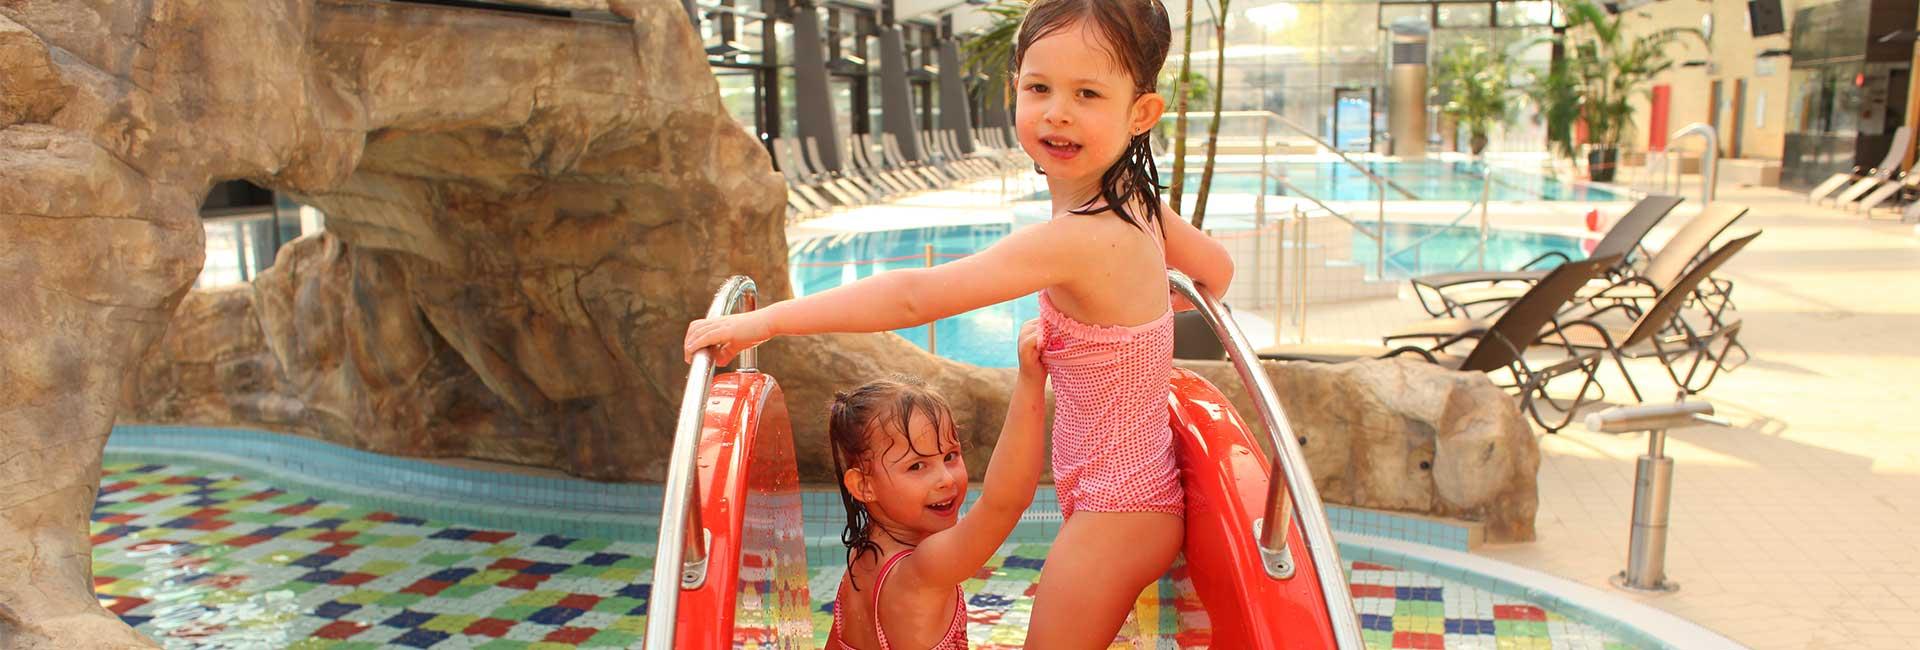 Sport- und Wellnessbad Kelsterbach - spielende Kinder